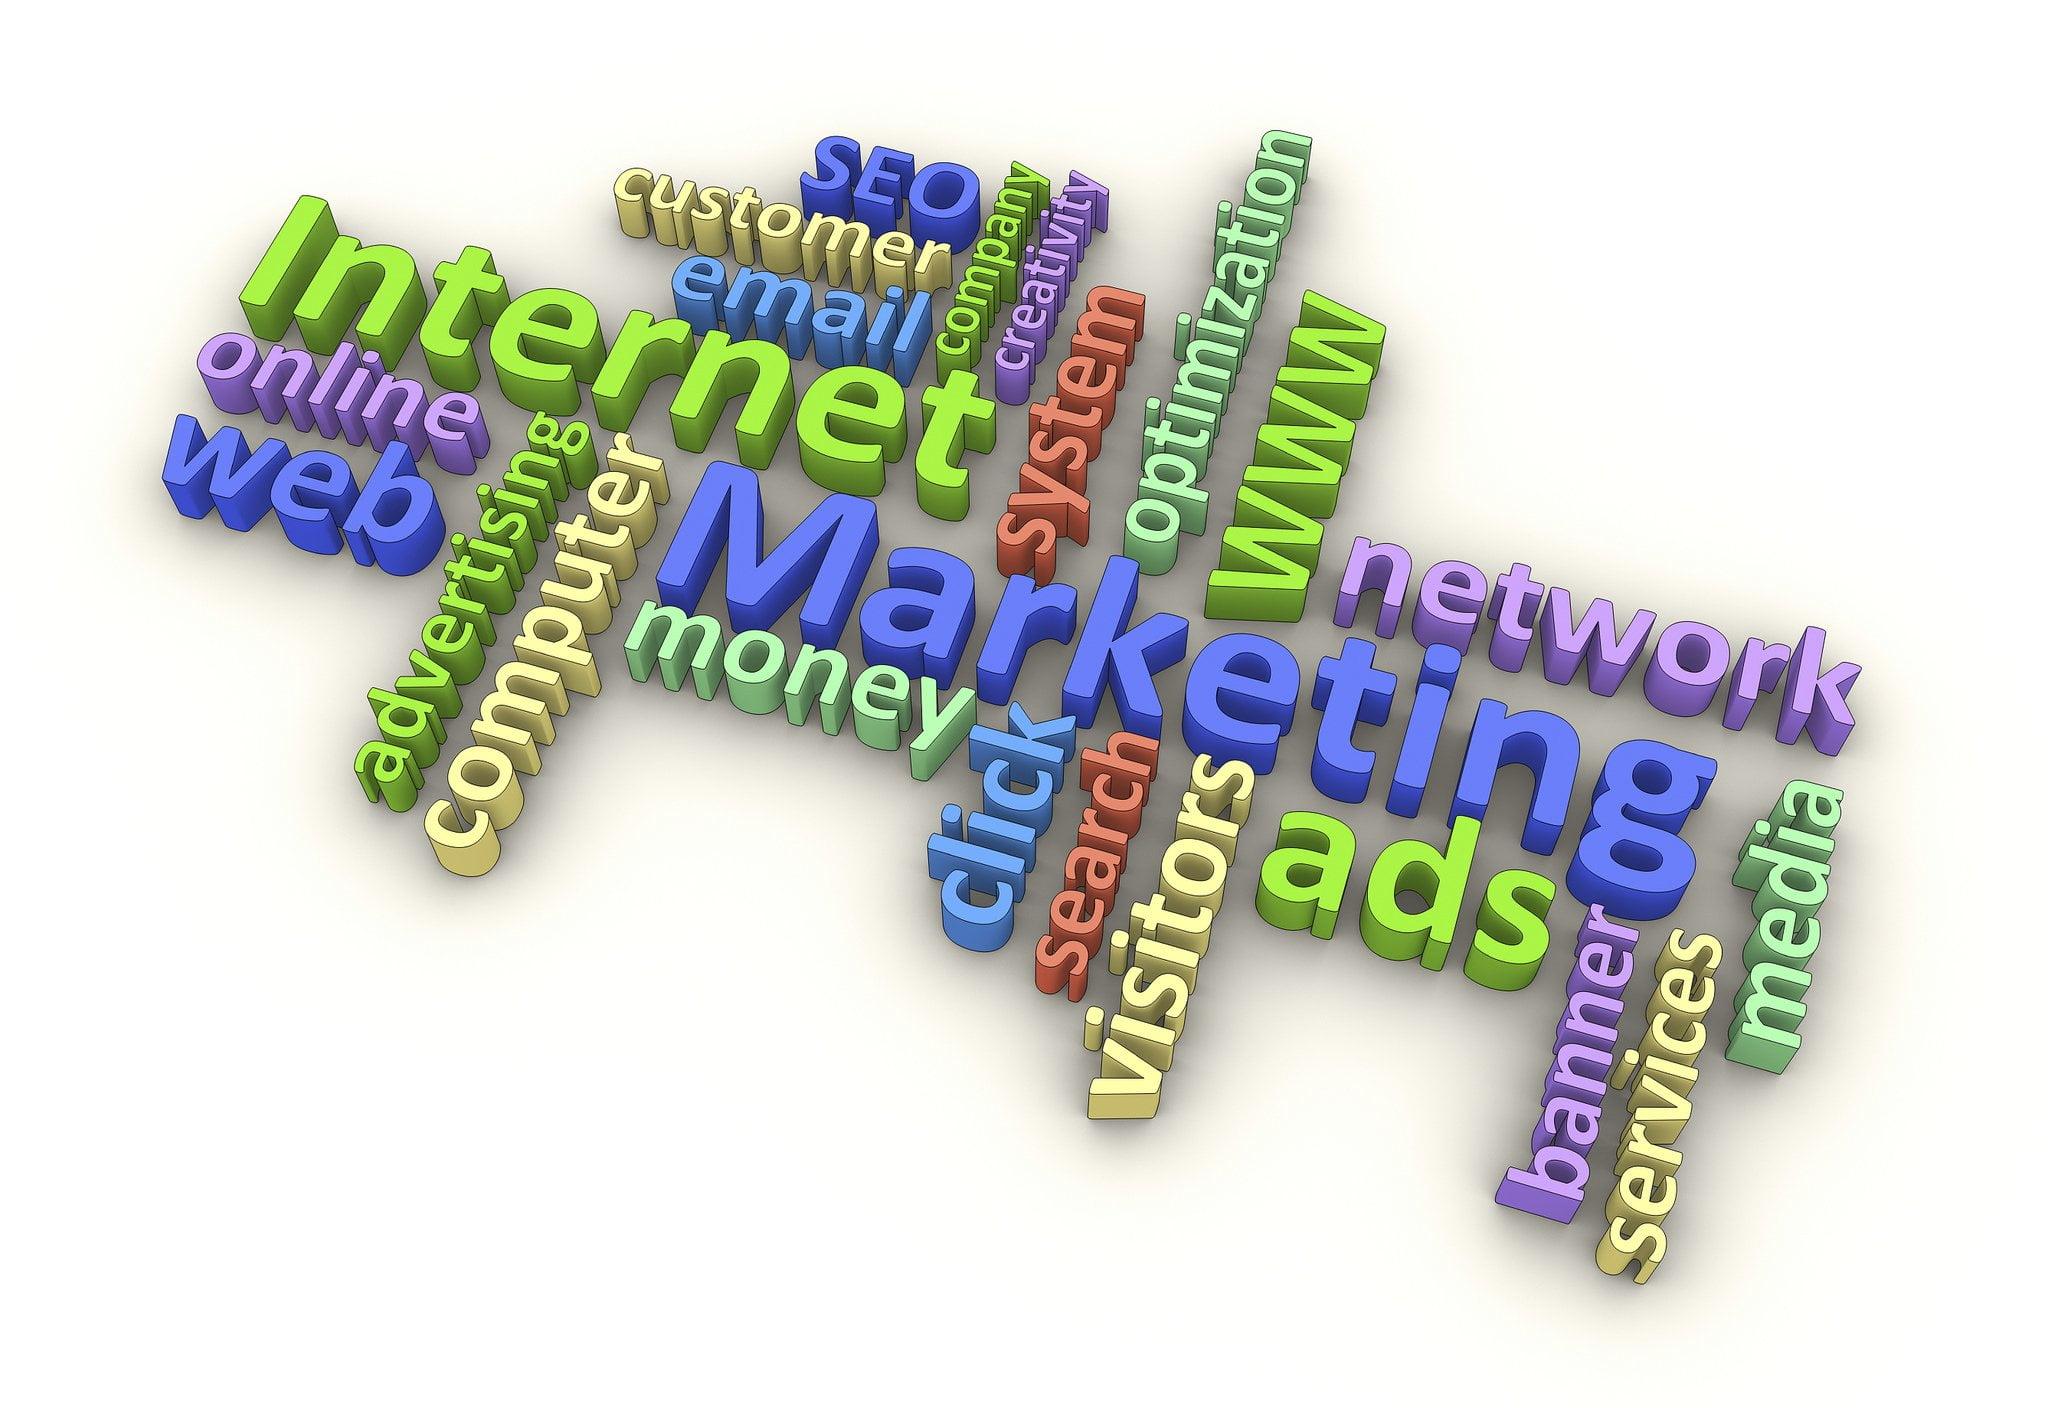 La relation entre le marketing digital et l'expérience client